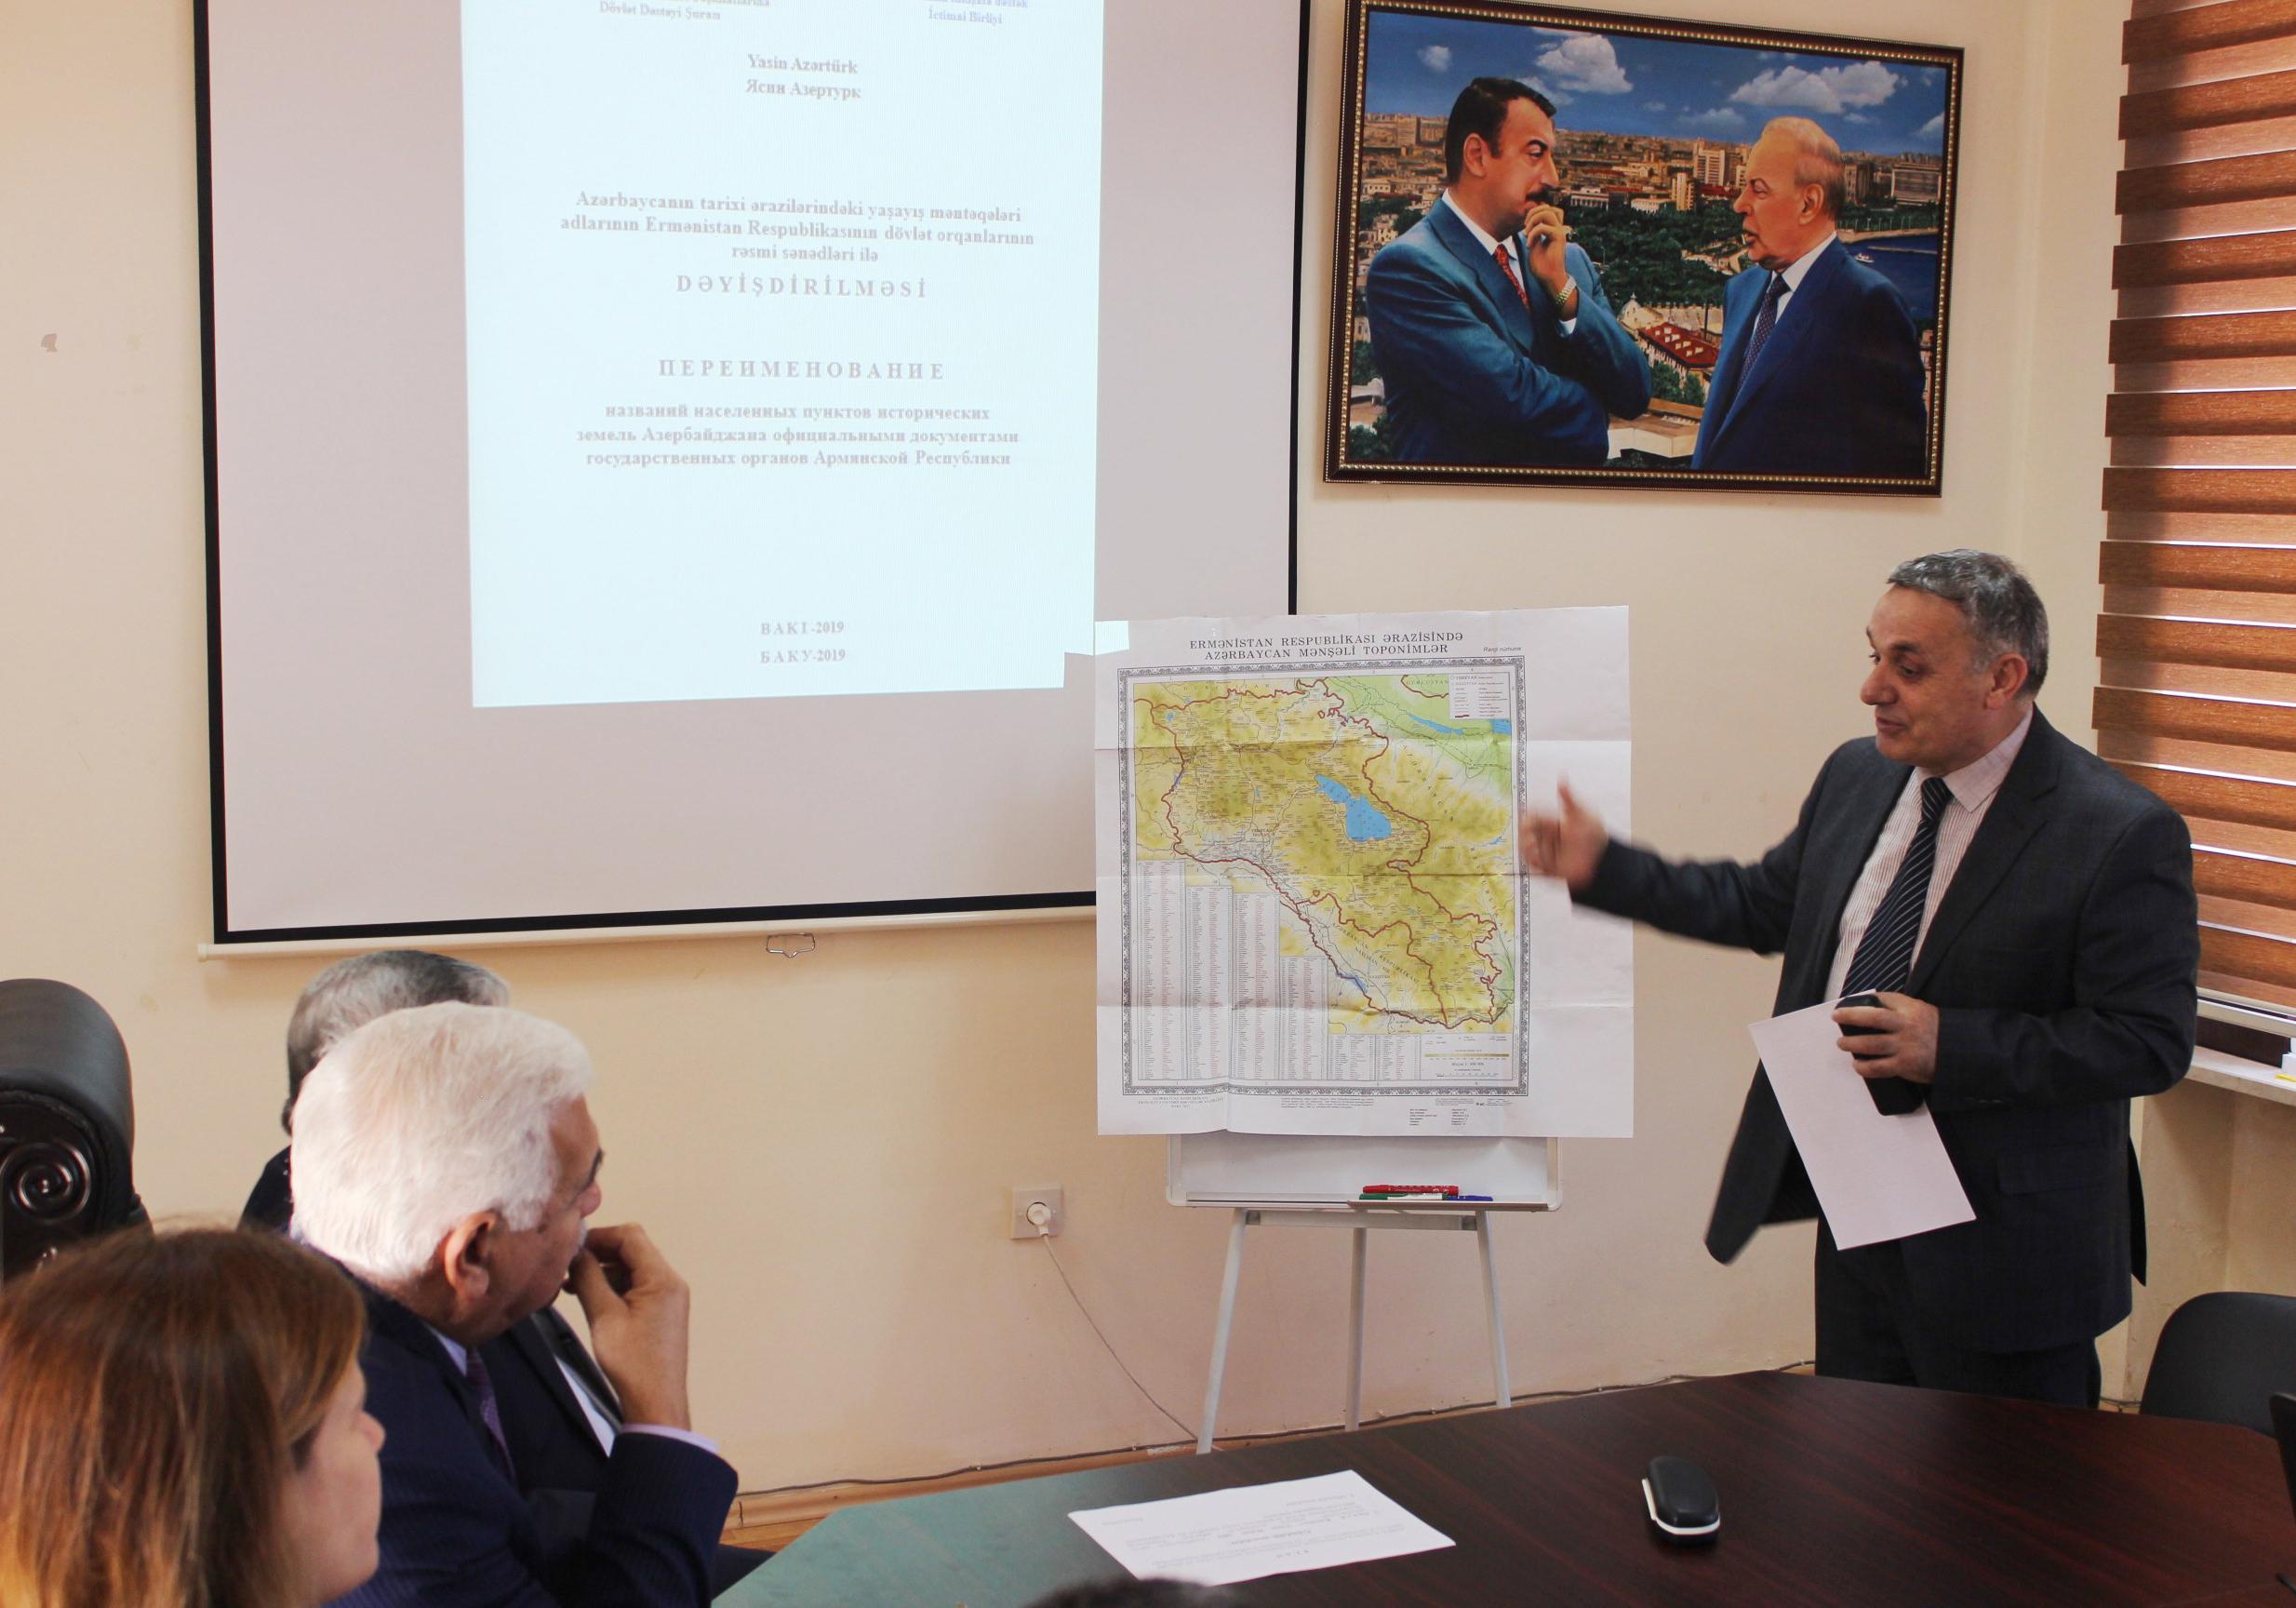 Türk mənşəli adların dəyişdirilməsi məsələsinin müzakirəsi